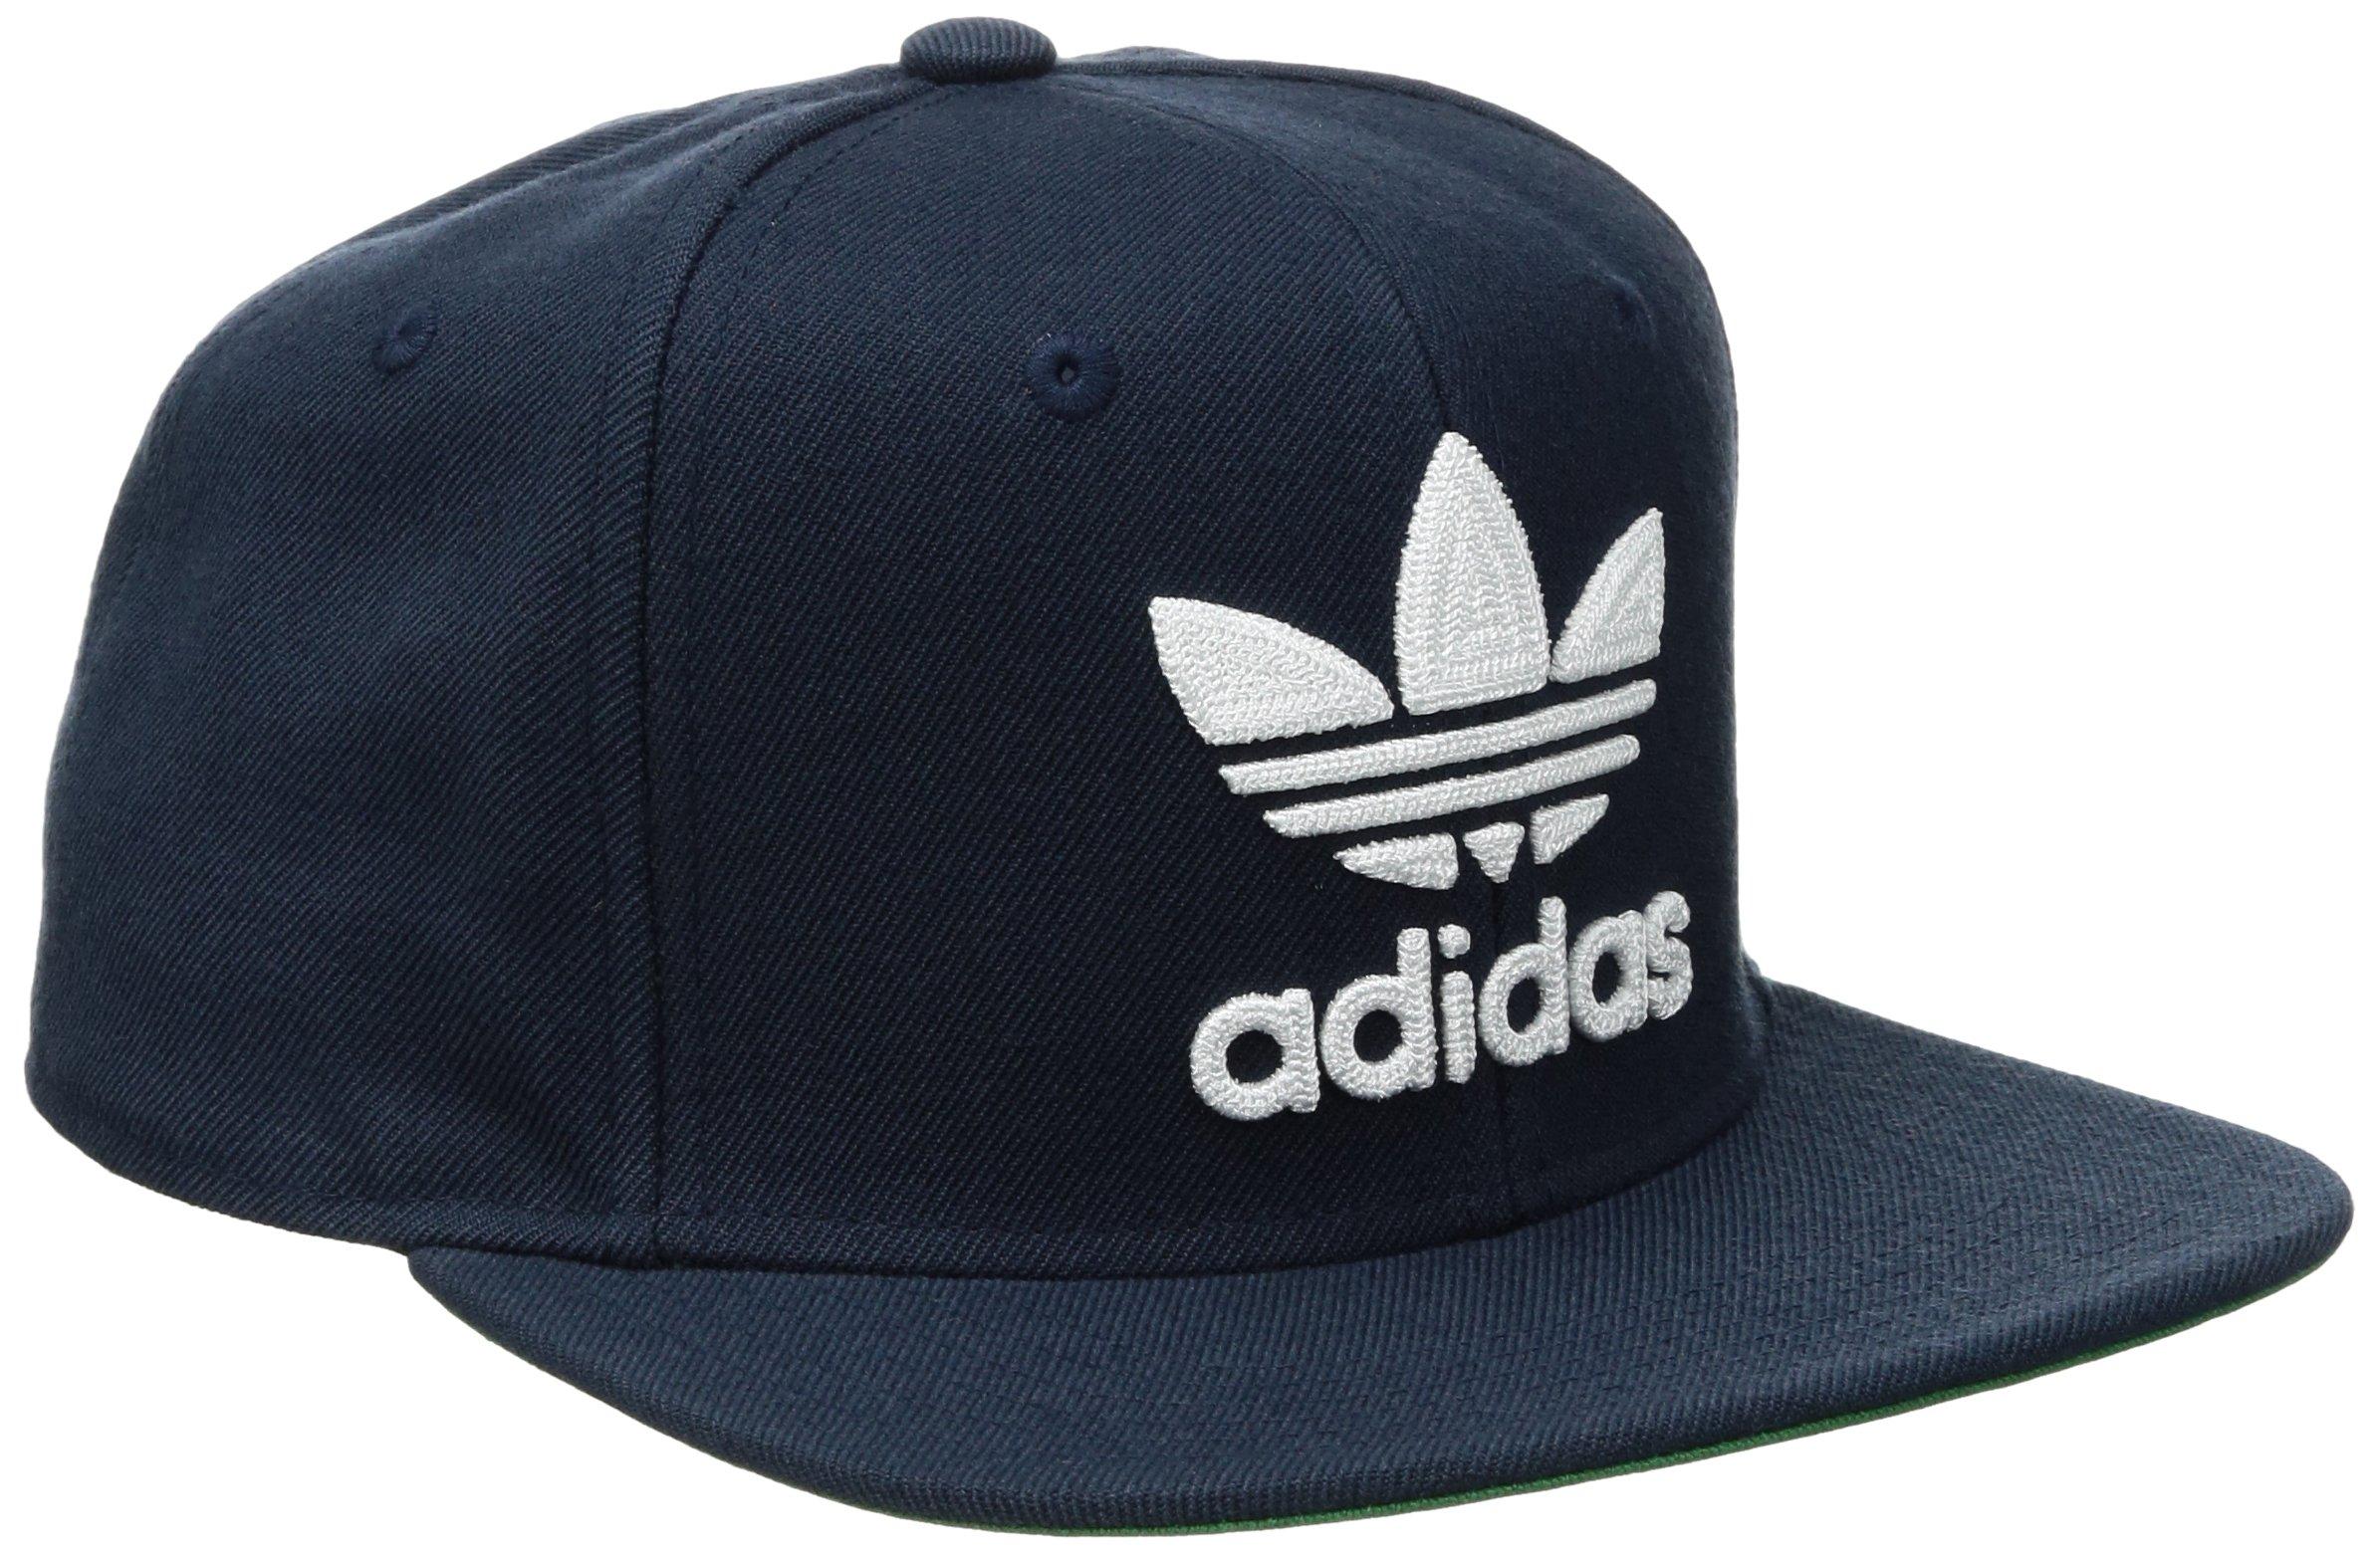 b748963d906 adidas Men s Originals Snapback Flatbrim Cap - 277089   Hats   Caps ...